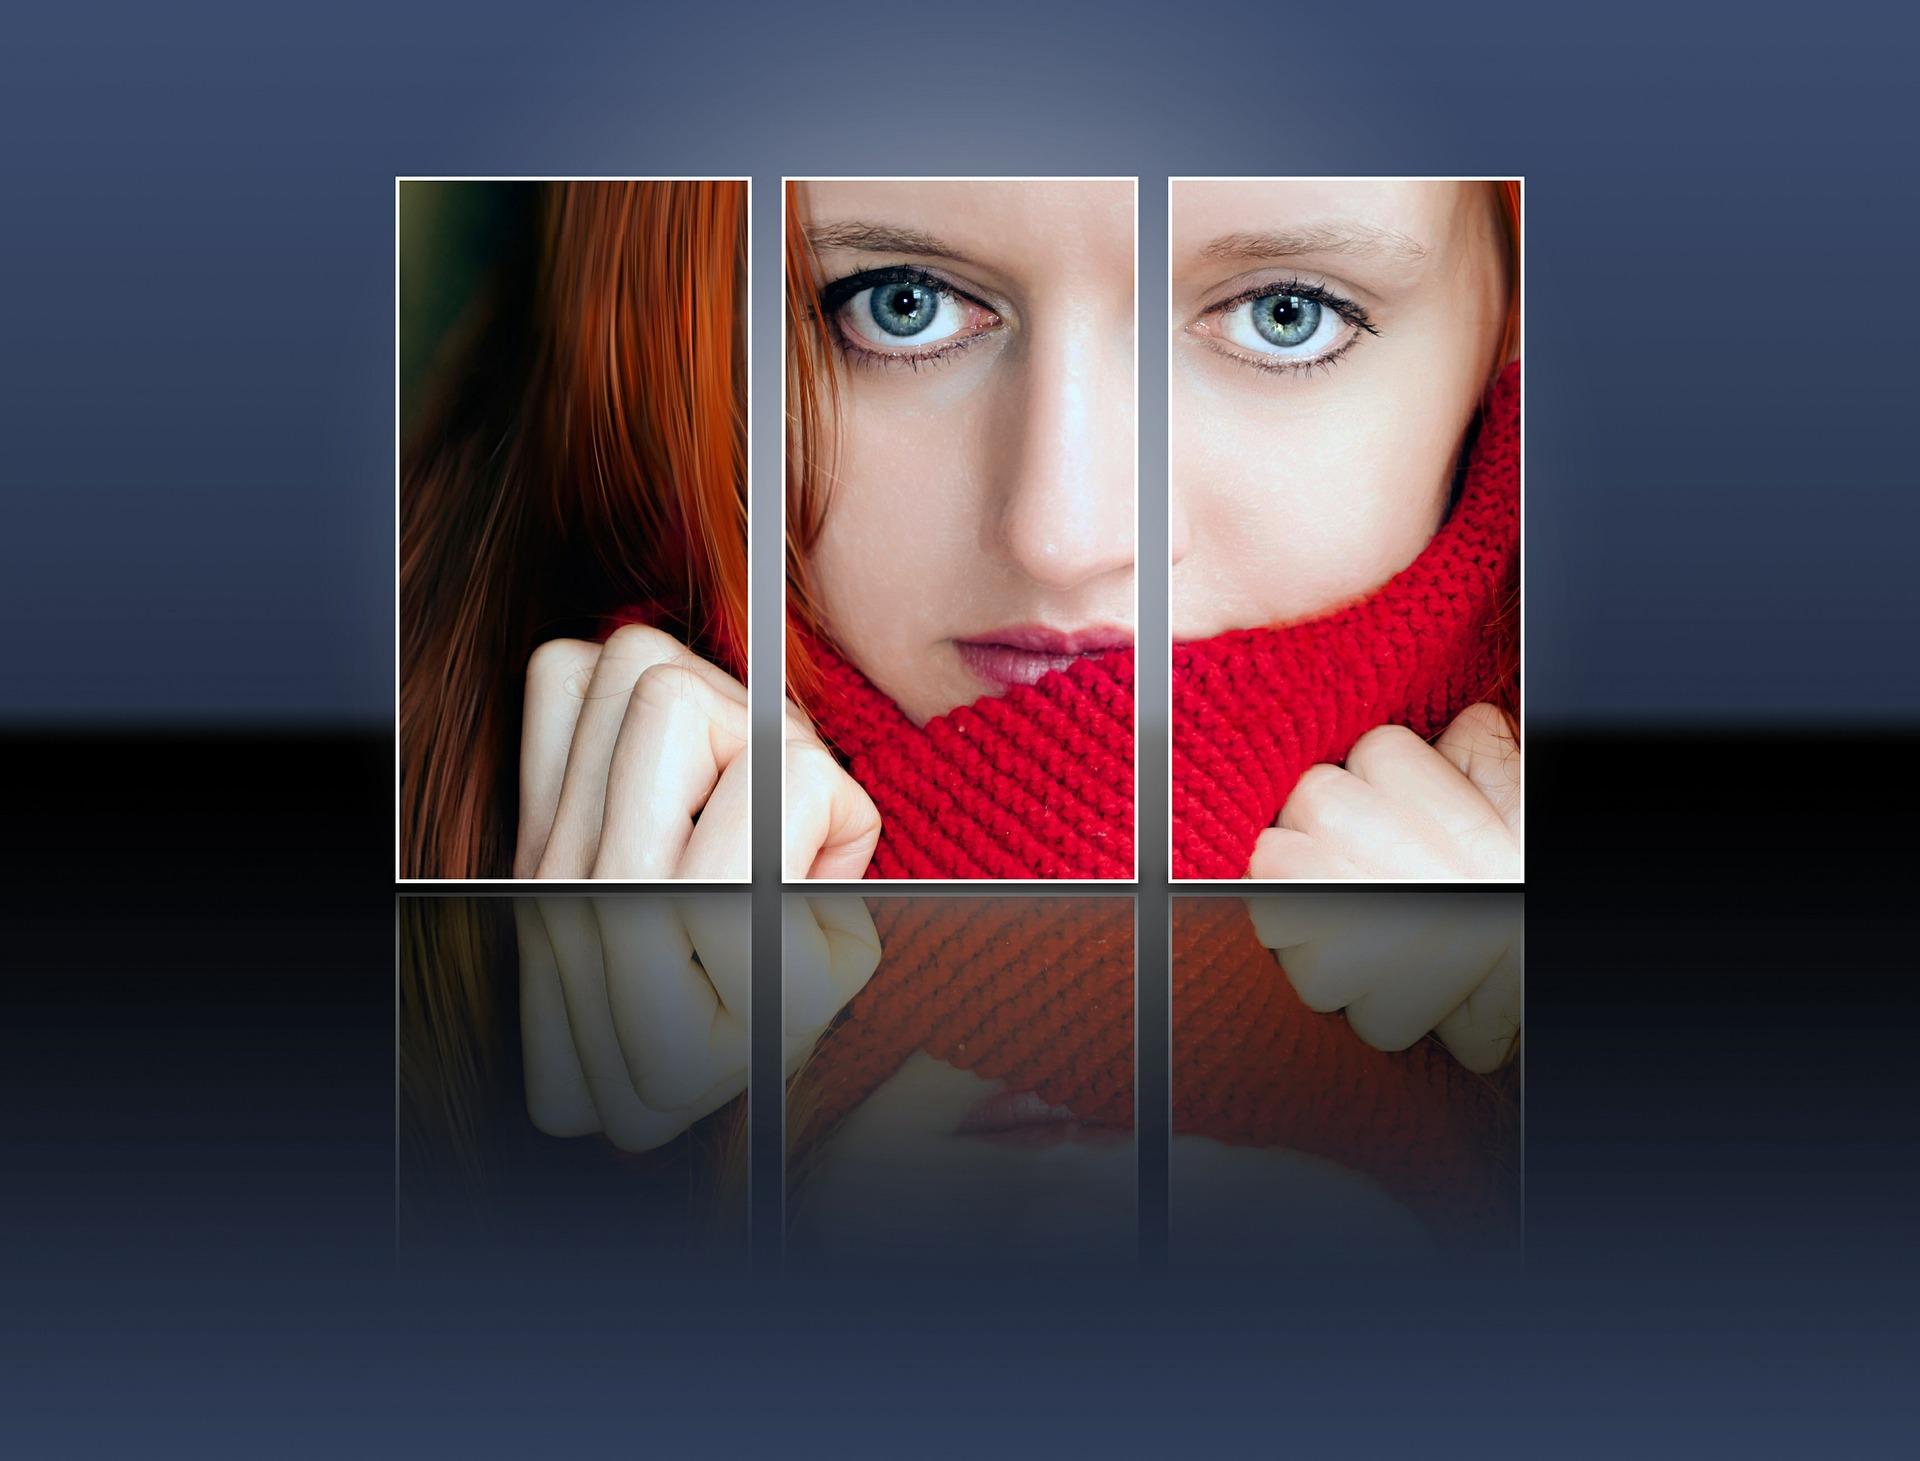 復縁の前兆!くしゃみや体調の変化やゾロ目など好転反応まとめ